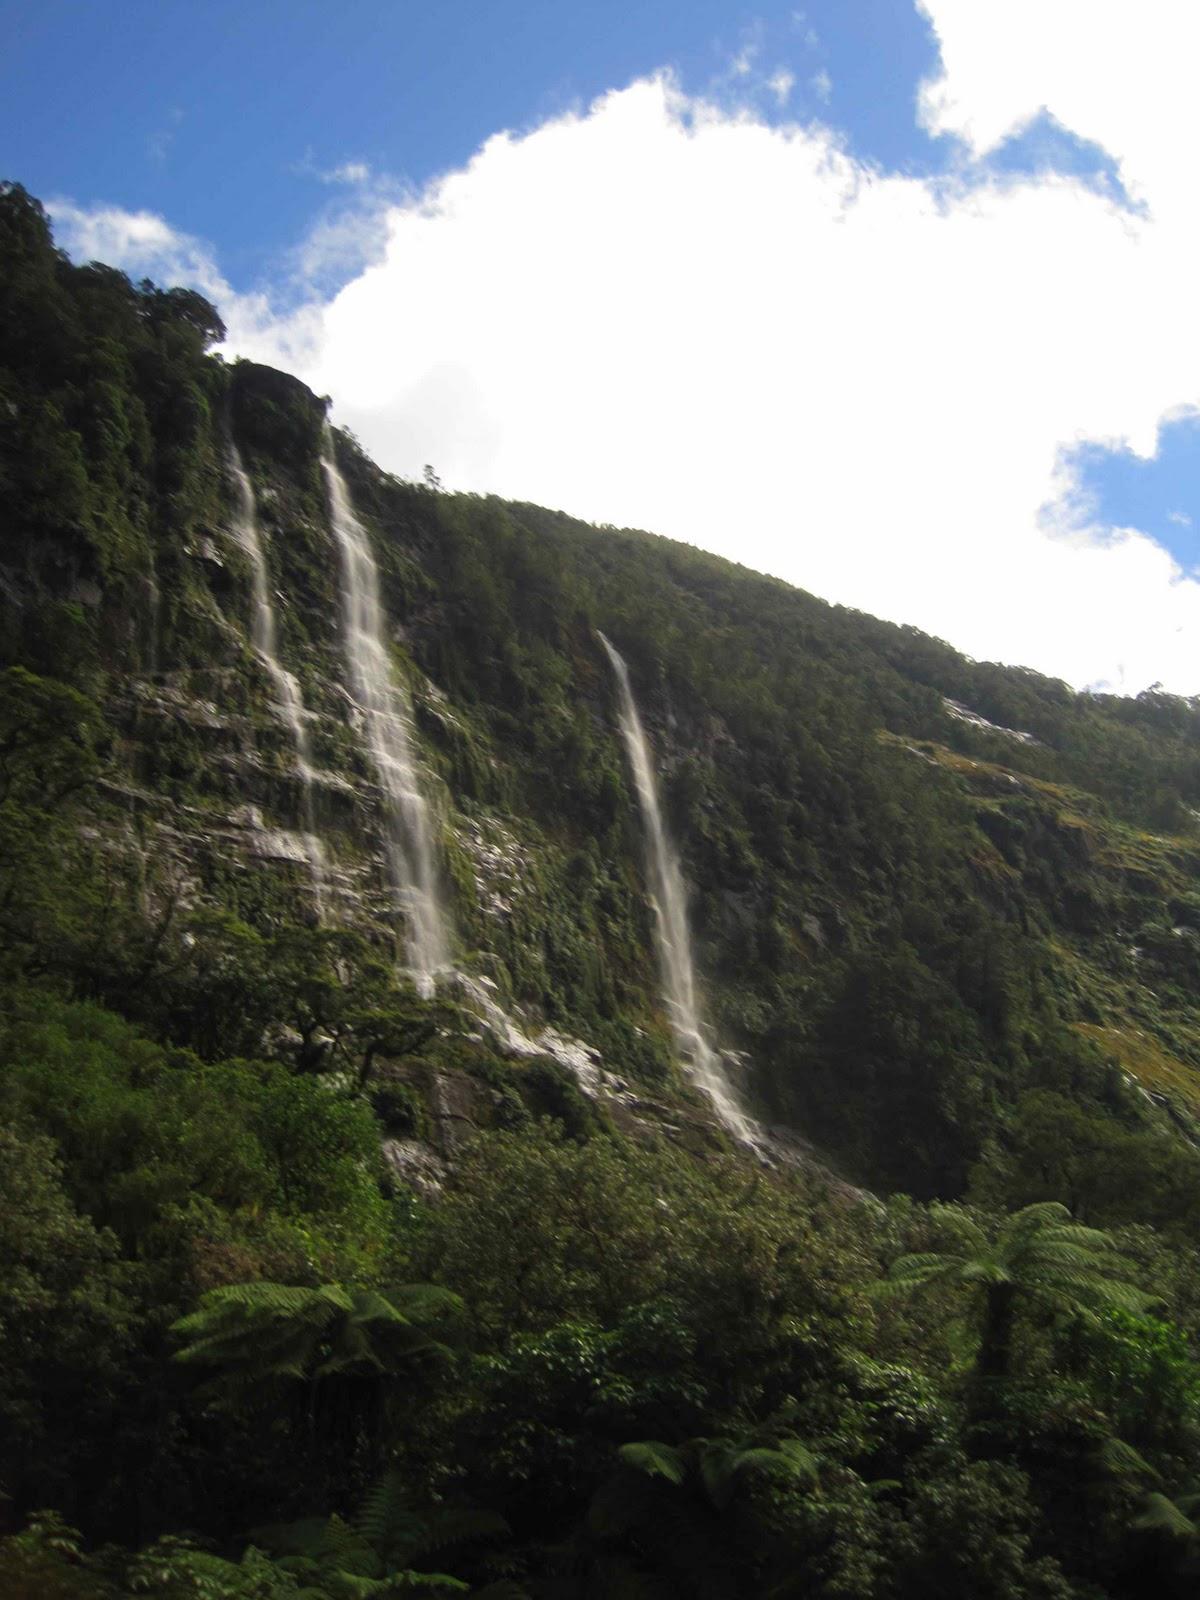 http://3.bp.blogspot.com/-IJwmkJu_BxI/TZEdwcUBHsI/AAAAAAAAAb4/FbvZiUg9A14/s1600/Milford4_Waterfalls.jpg